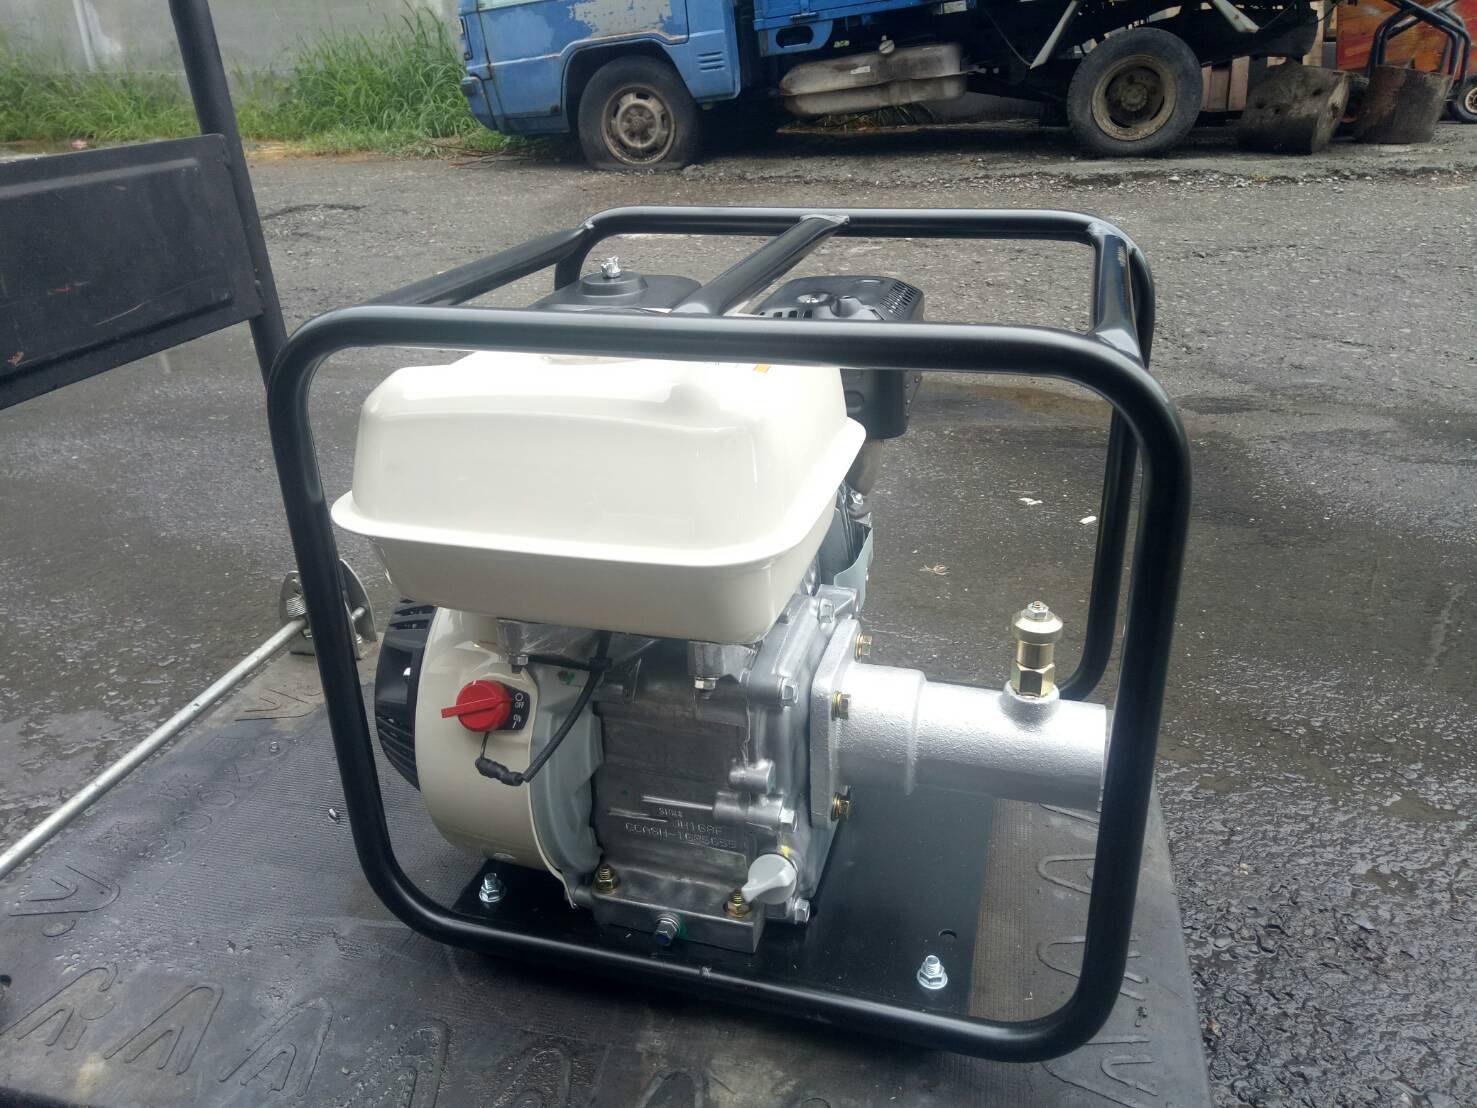 全新U-MO本田(GP160)引擎強力引擎軟管抽水機*免運費) **HONDA台南門市現貨供應